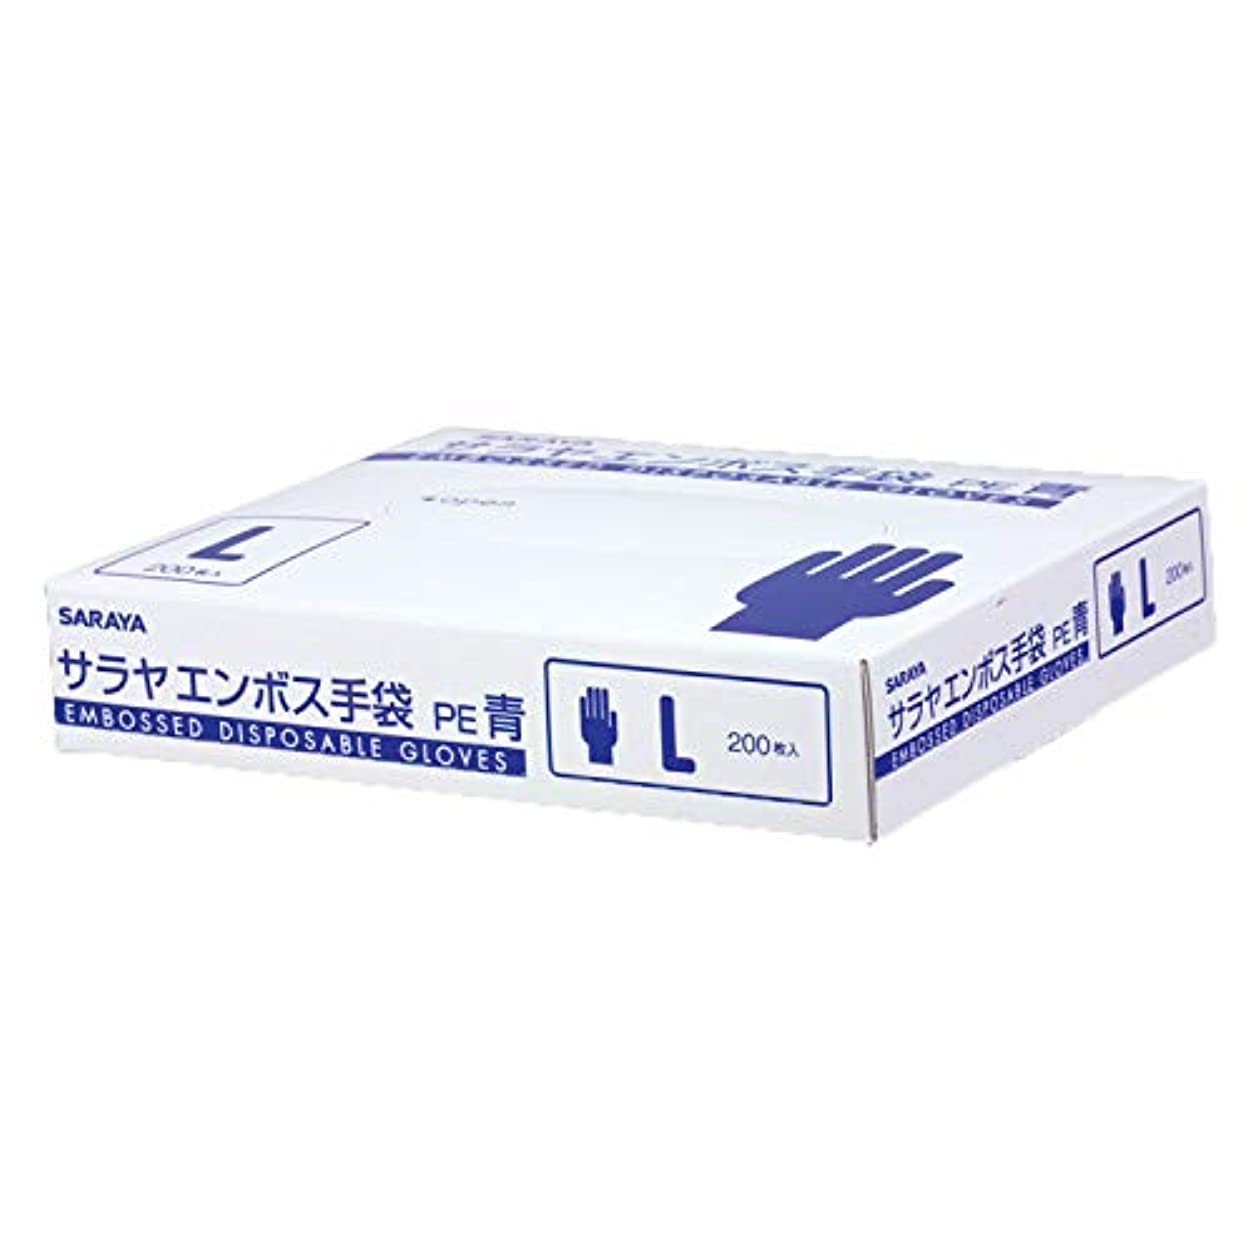 中庭うがいリフトサラヤ エンボス手袋PE 青 L 200枚×20箱 51095